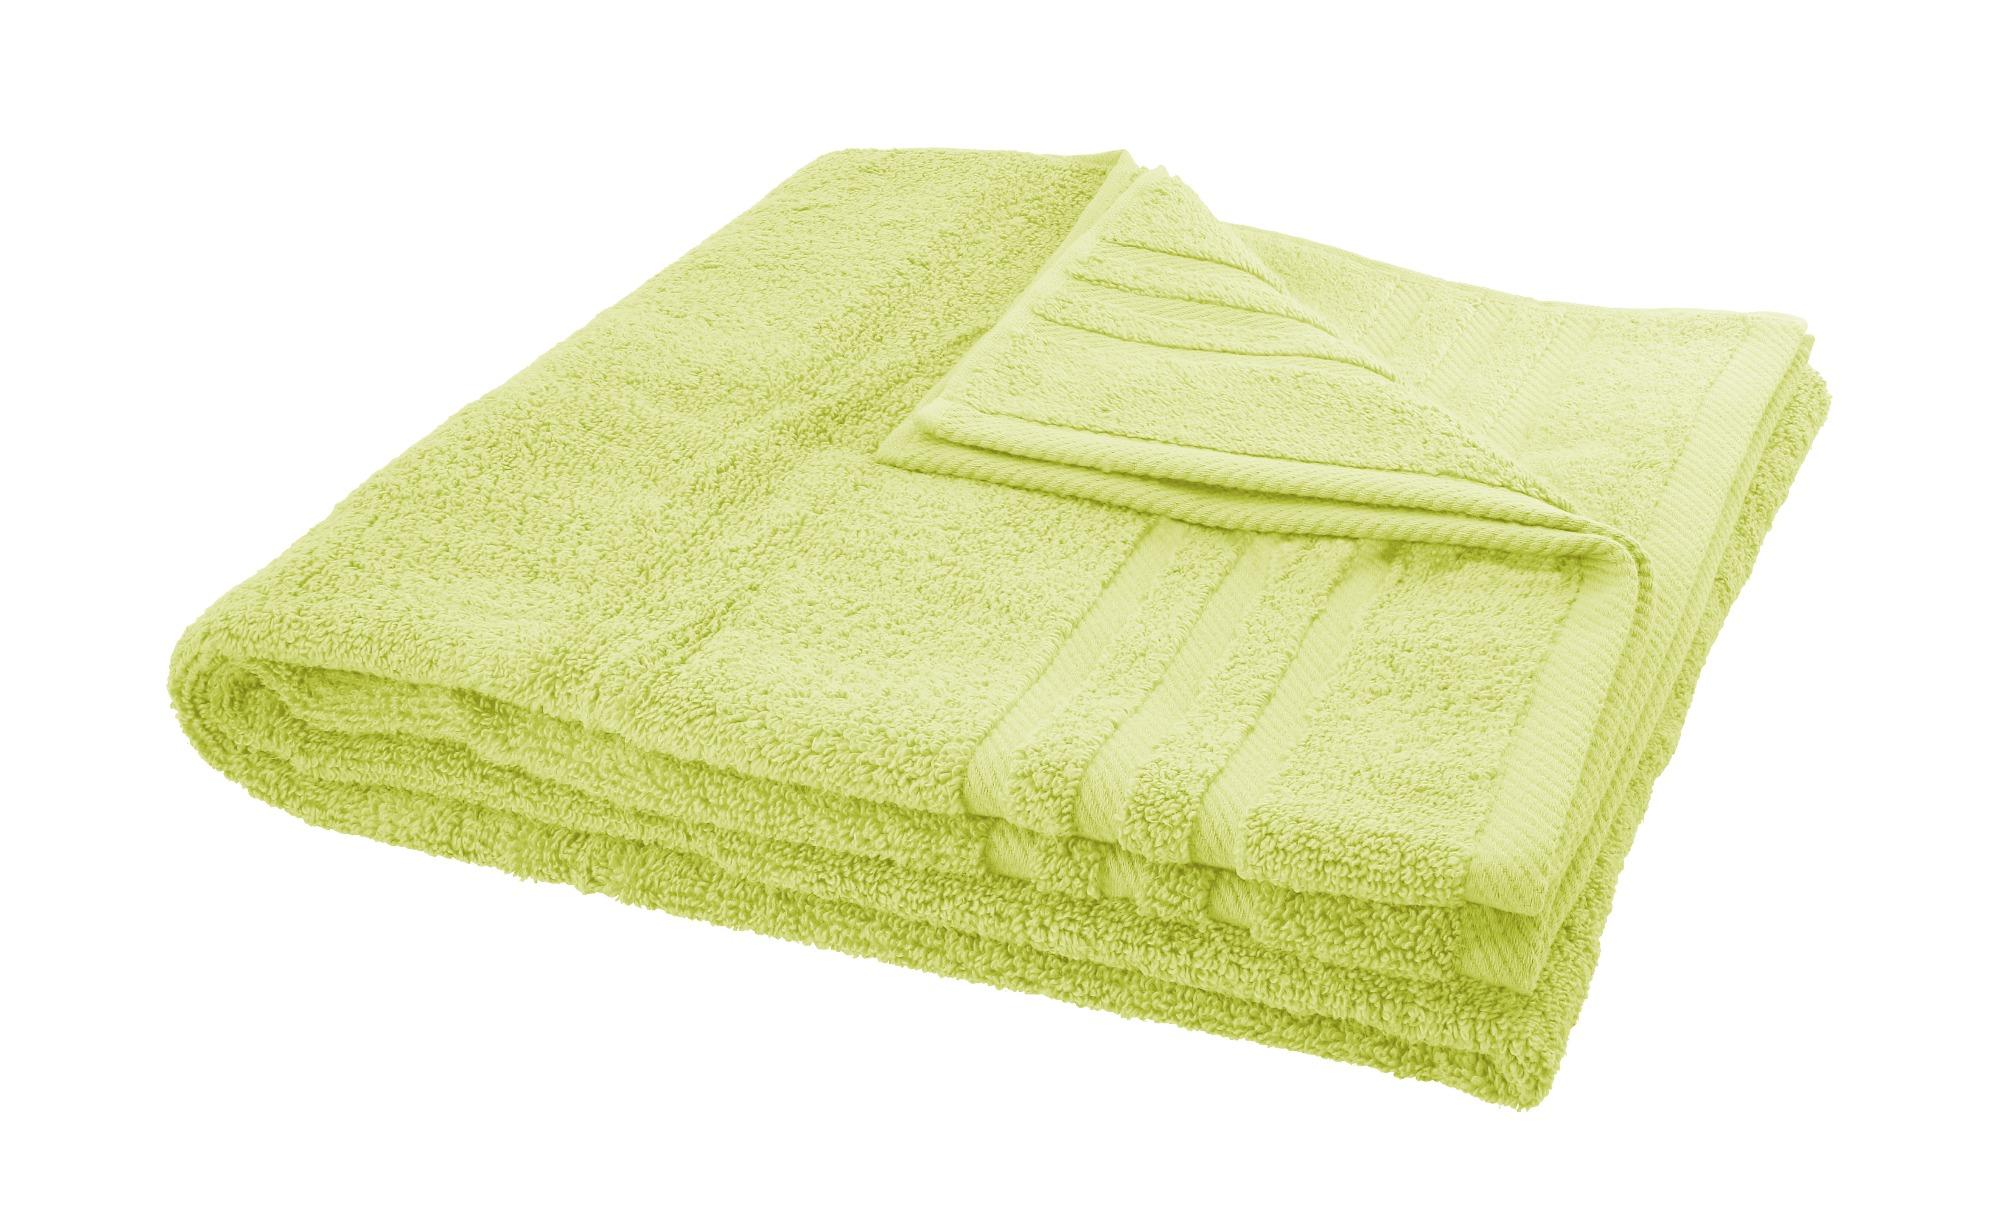 LAVIDA Duschtuch  Soft Cotton ¦ grün ¦ reine Micro-Baumwolle ¦ Maße (cm): B: 70 Badtextilien und Zubehör > Handtücher & Badetücher > Duschtücher - Höffner